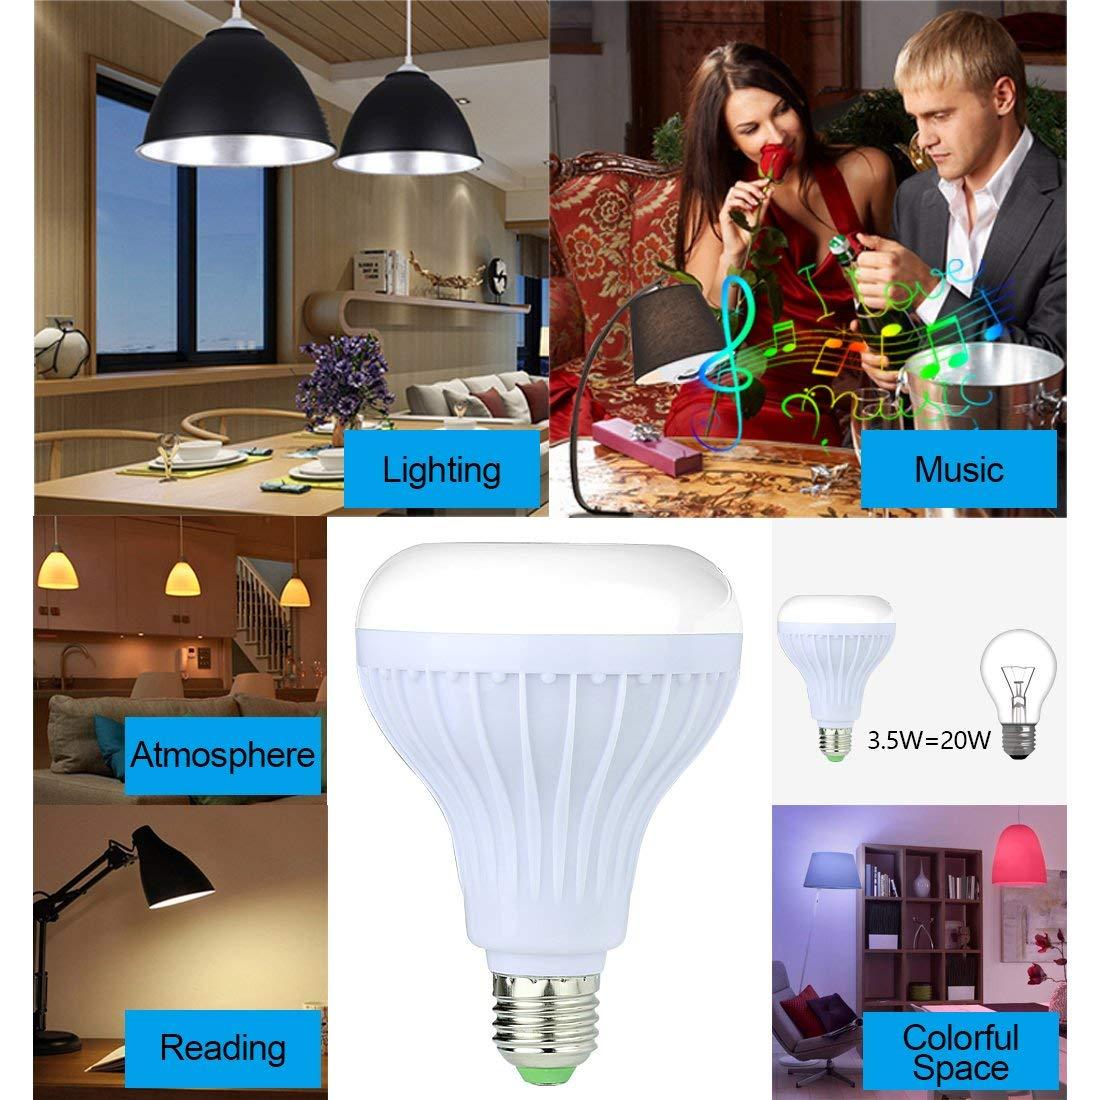 Λάμπα LED Έγχρωμη RGB E27 με Bluetooth 4.0 και μουσική Led Music Bulb